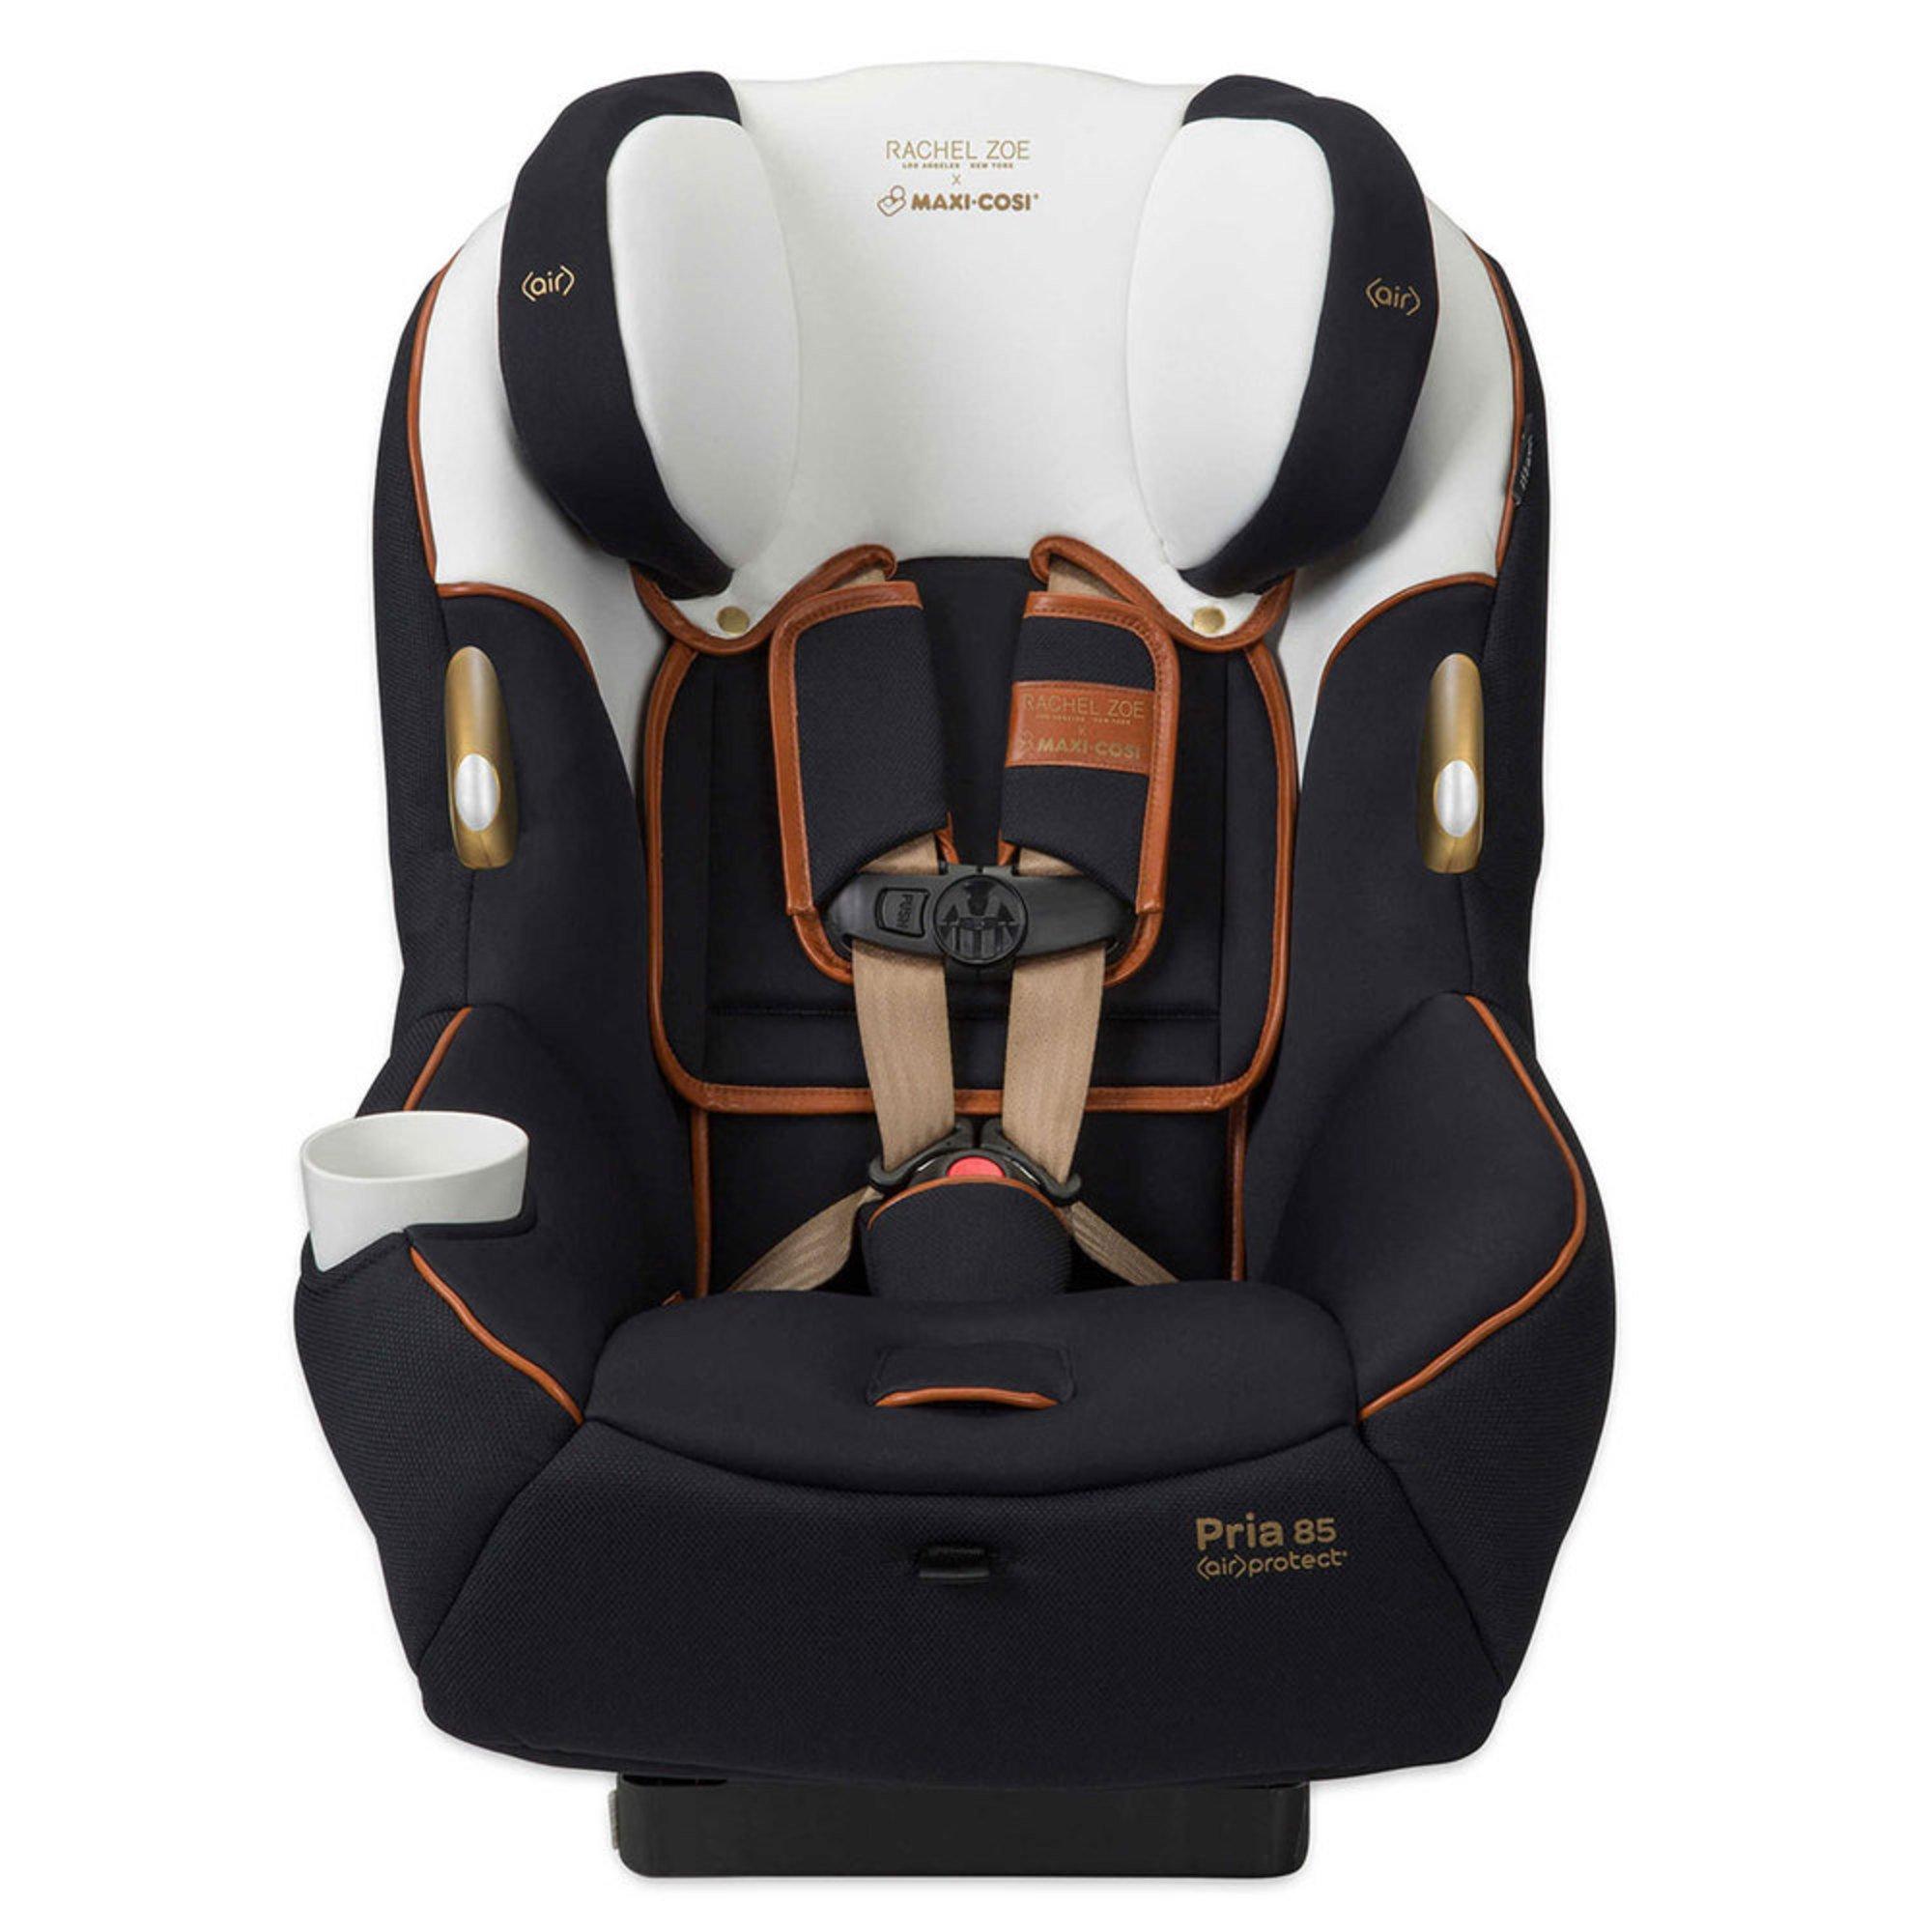 Maxi-cosi Pria 85 Special Edition Convertible Car Seat, Rachel Zoe ...